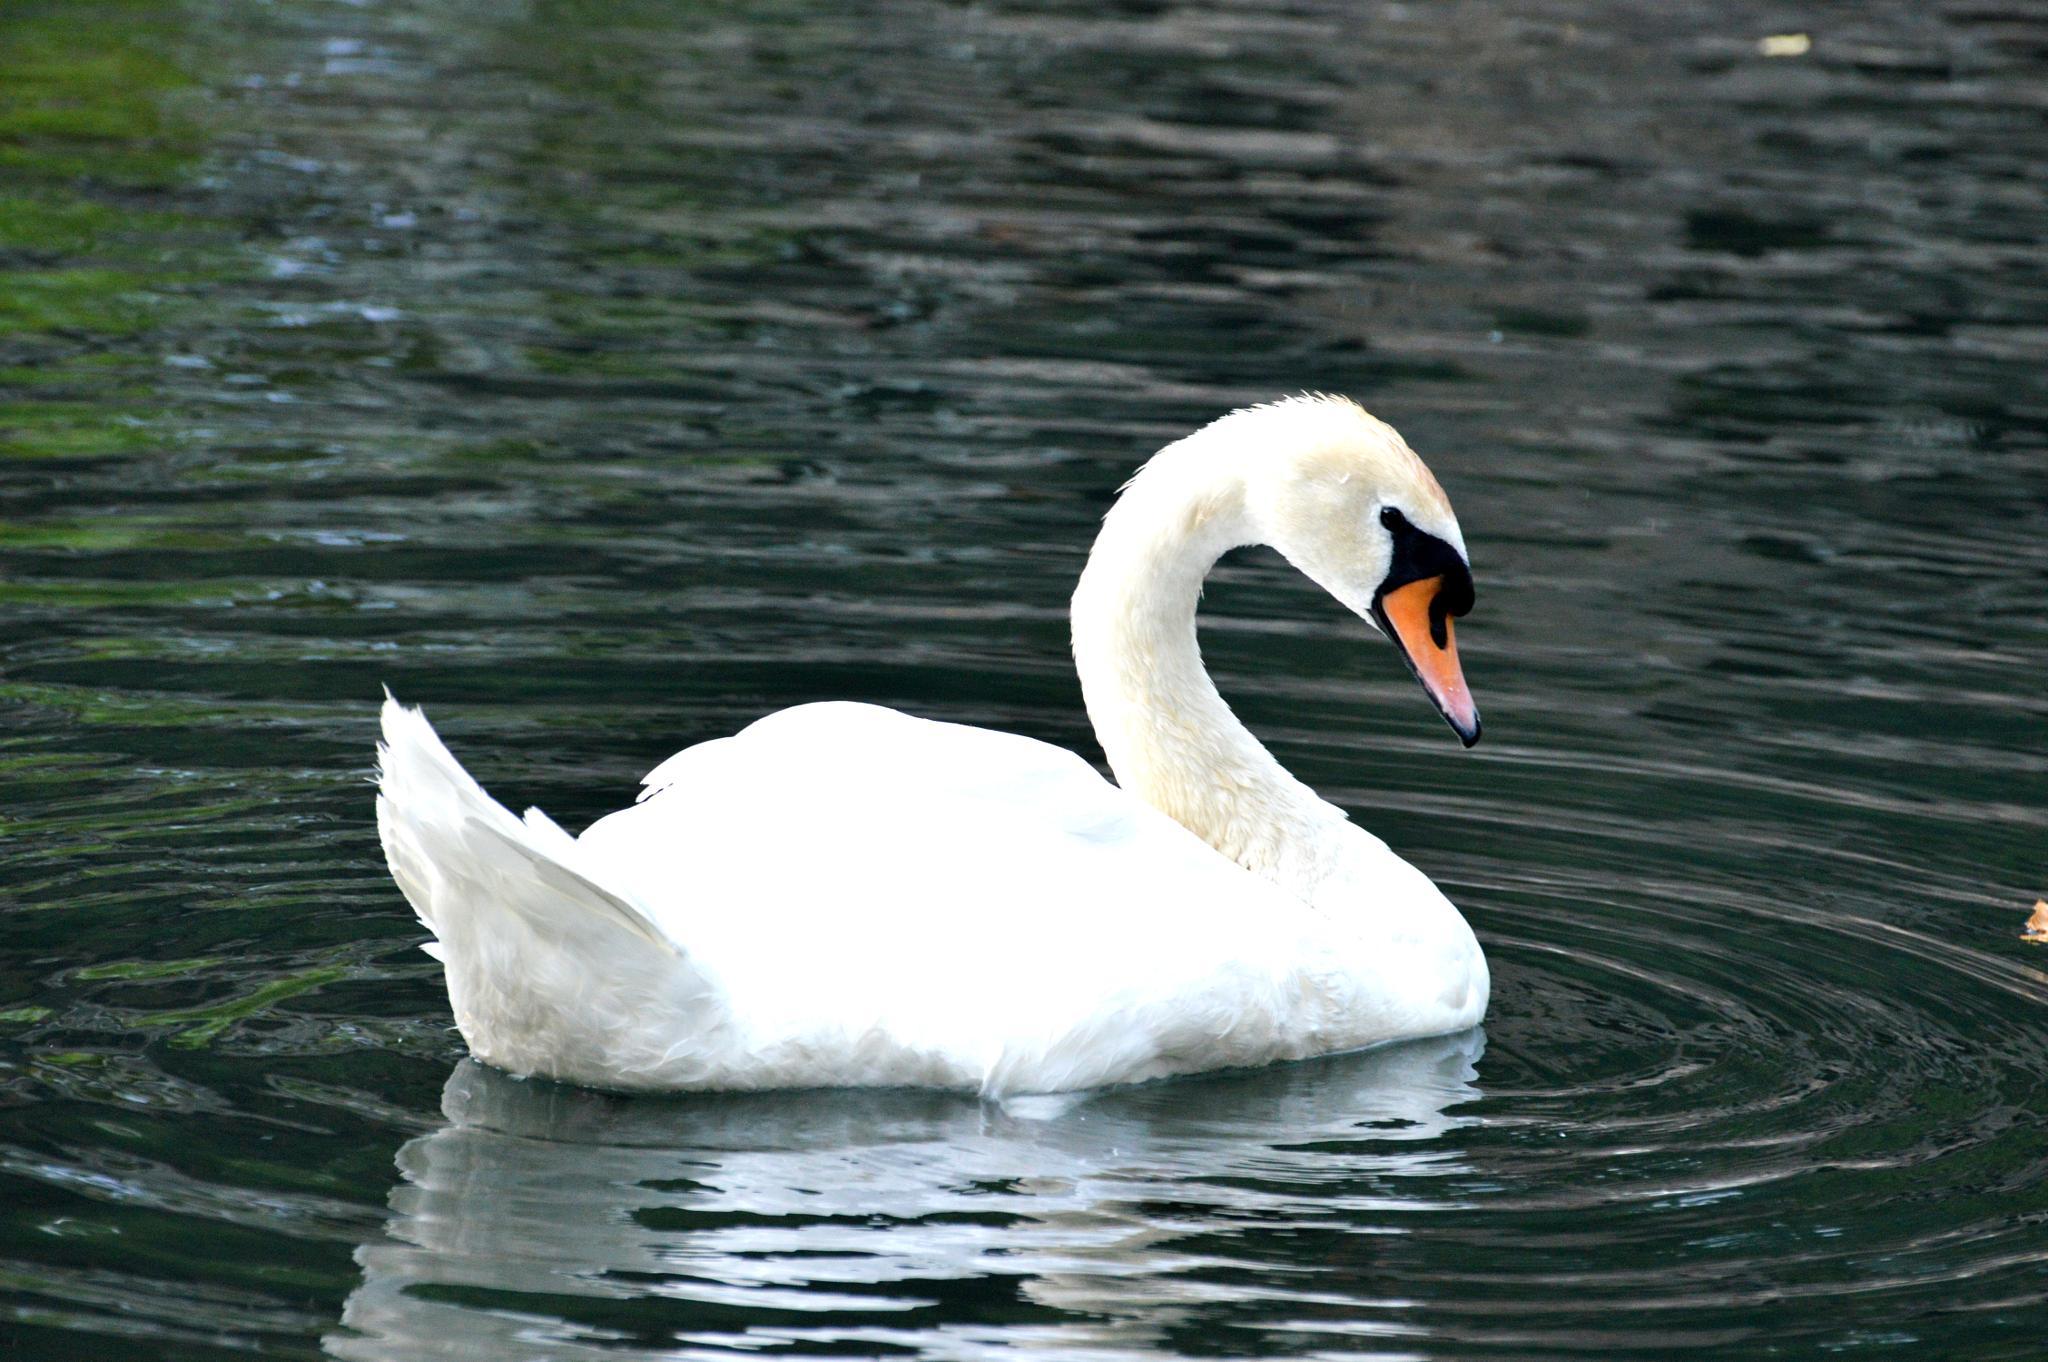 swan by Hermine Makaryan